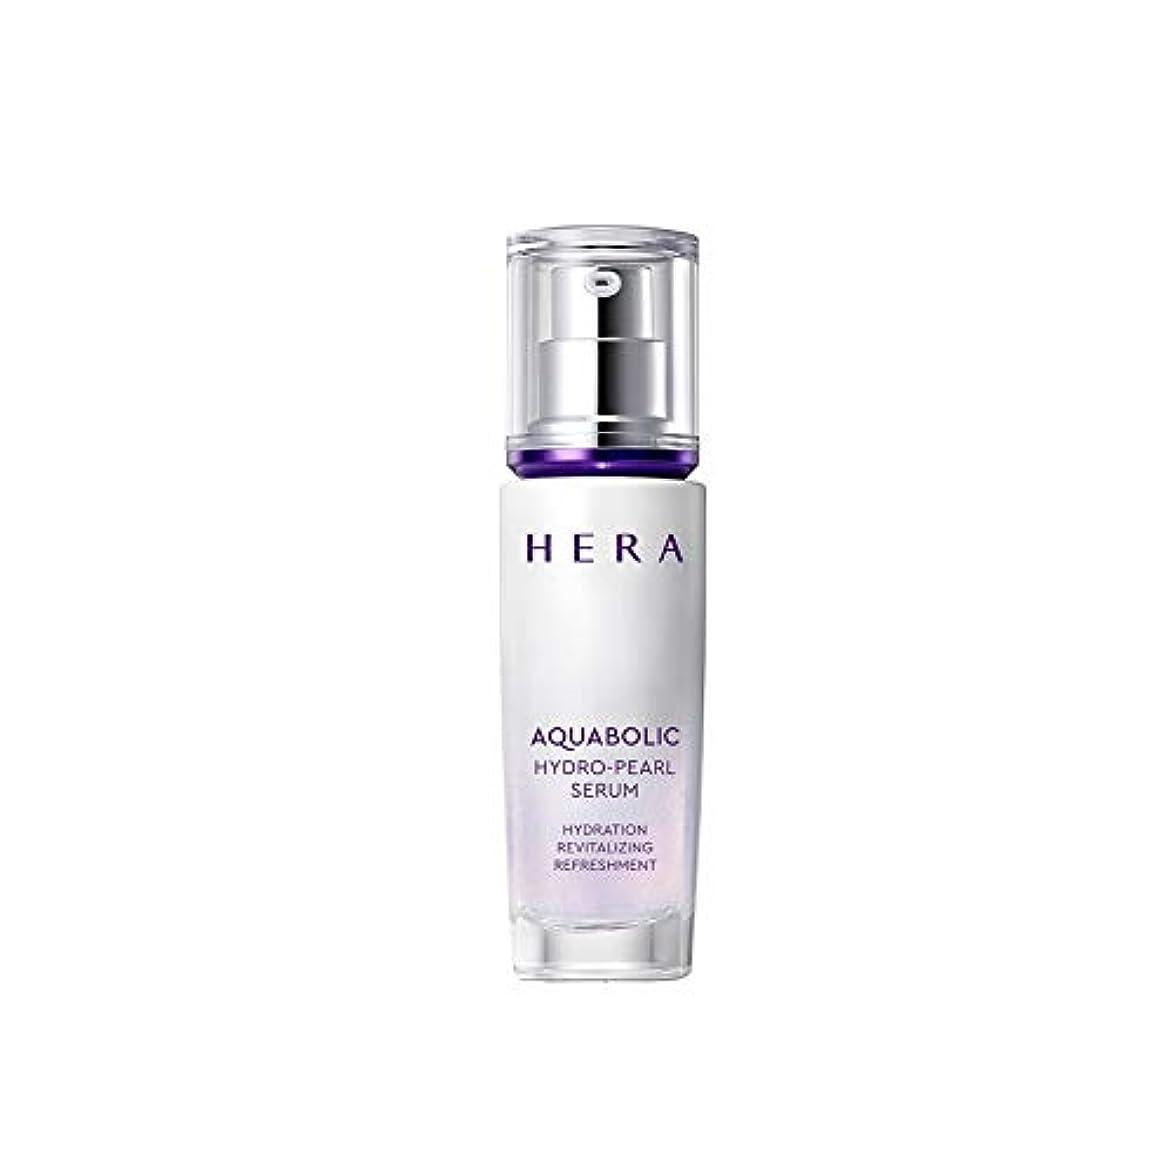 癌近代化サイクロプス【HERA公式】ヘラ アクアボリック ハイドロ-パール セラム 40mL/HERA Aquabolic Hydro-Pearl Serum 40ml